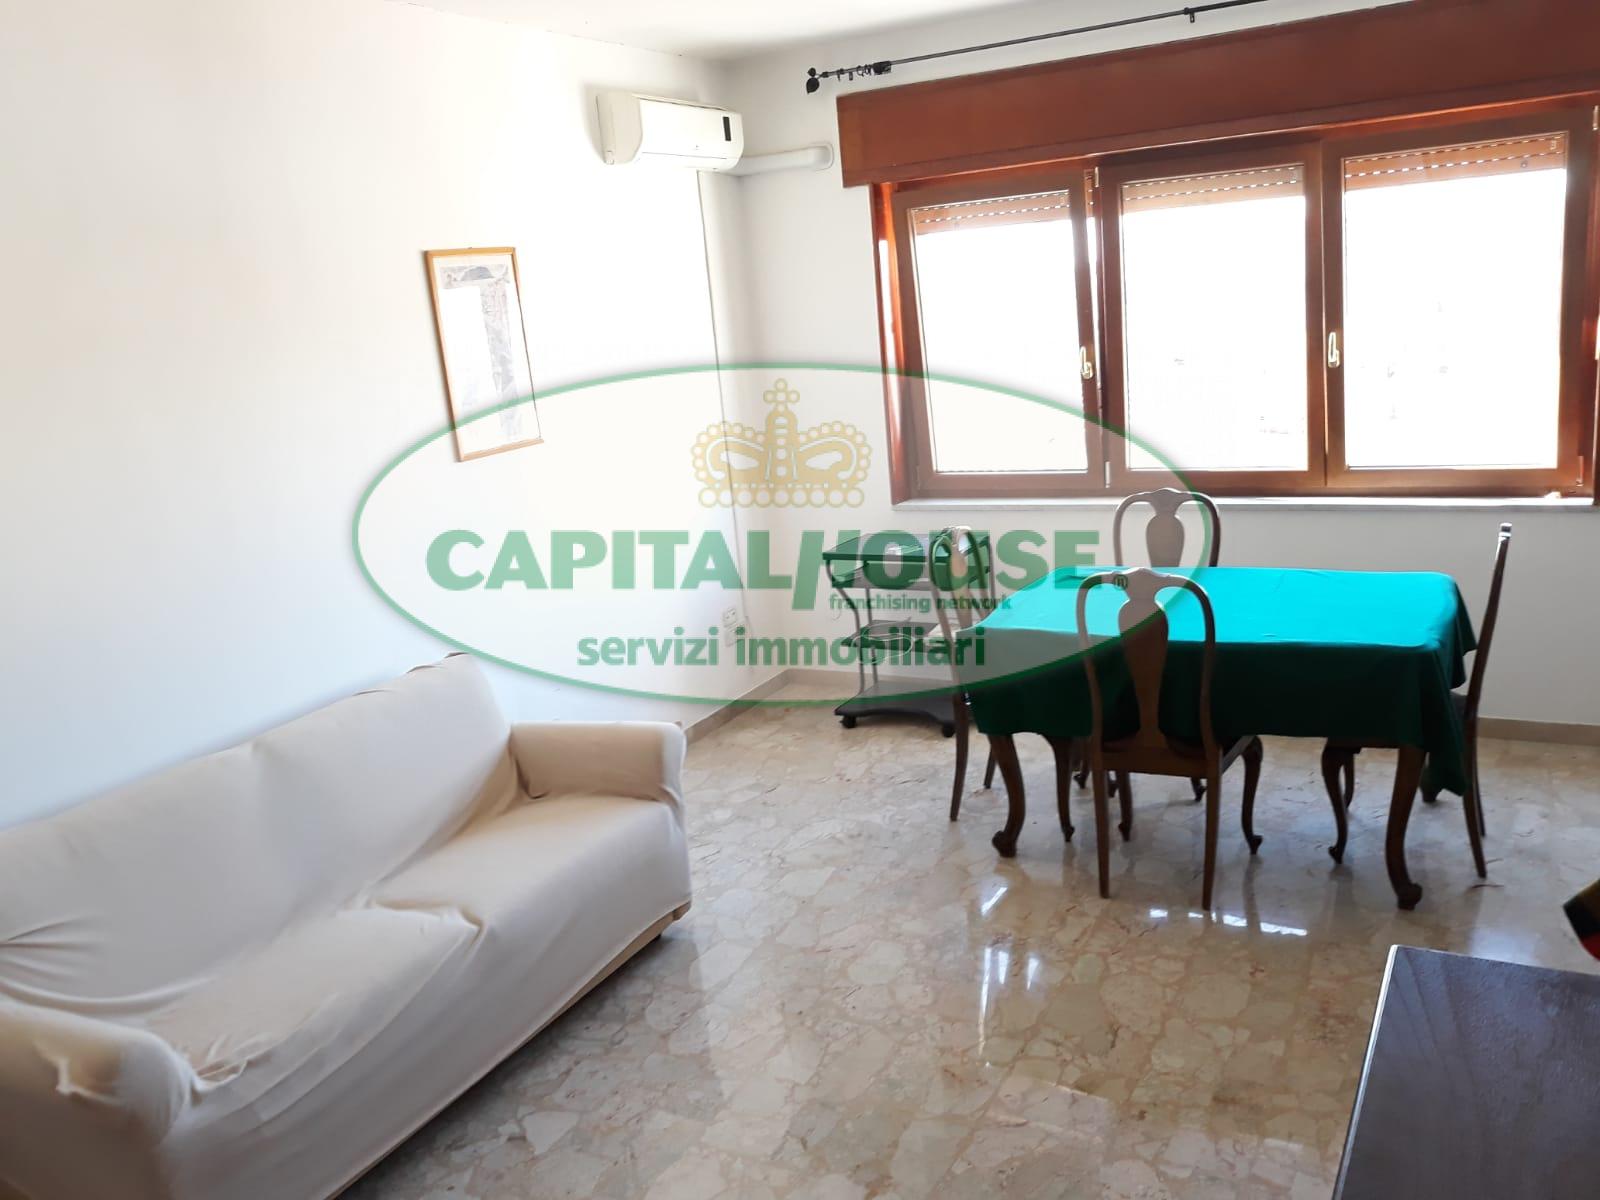 Appartamento CASERTA vendita  Centro  Dsg Immobiliare Srls